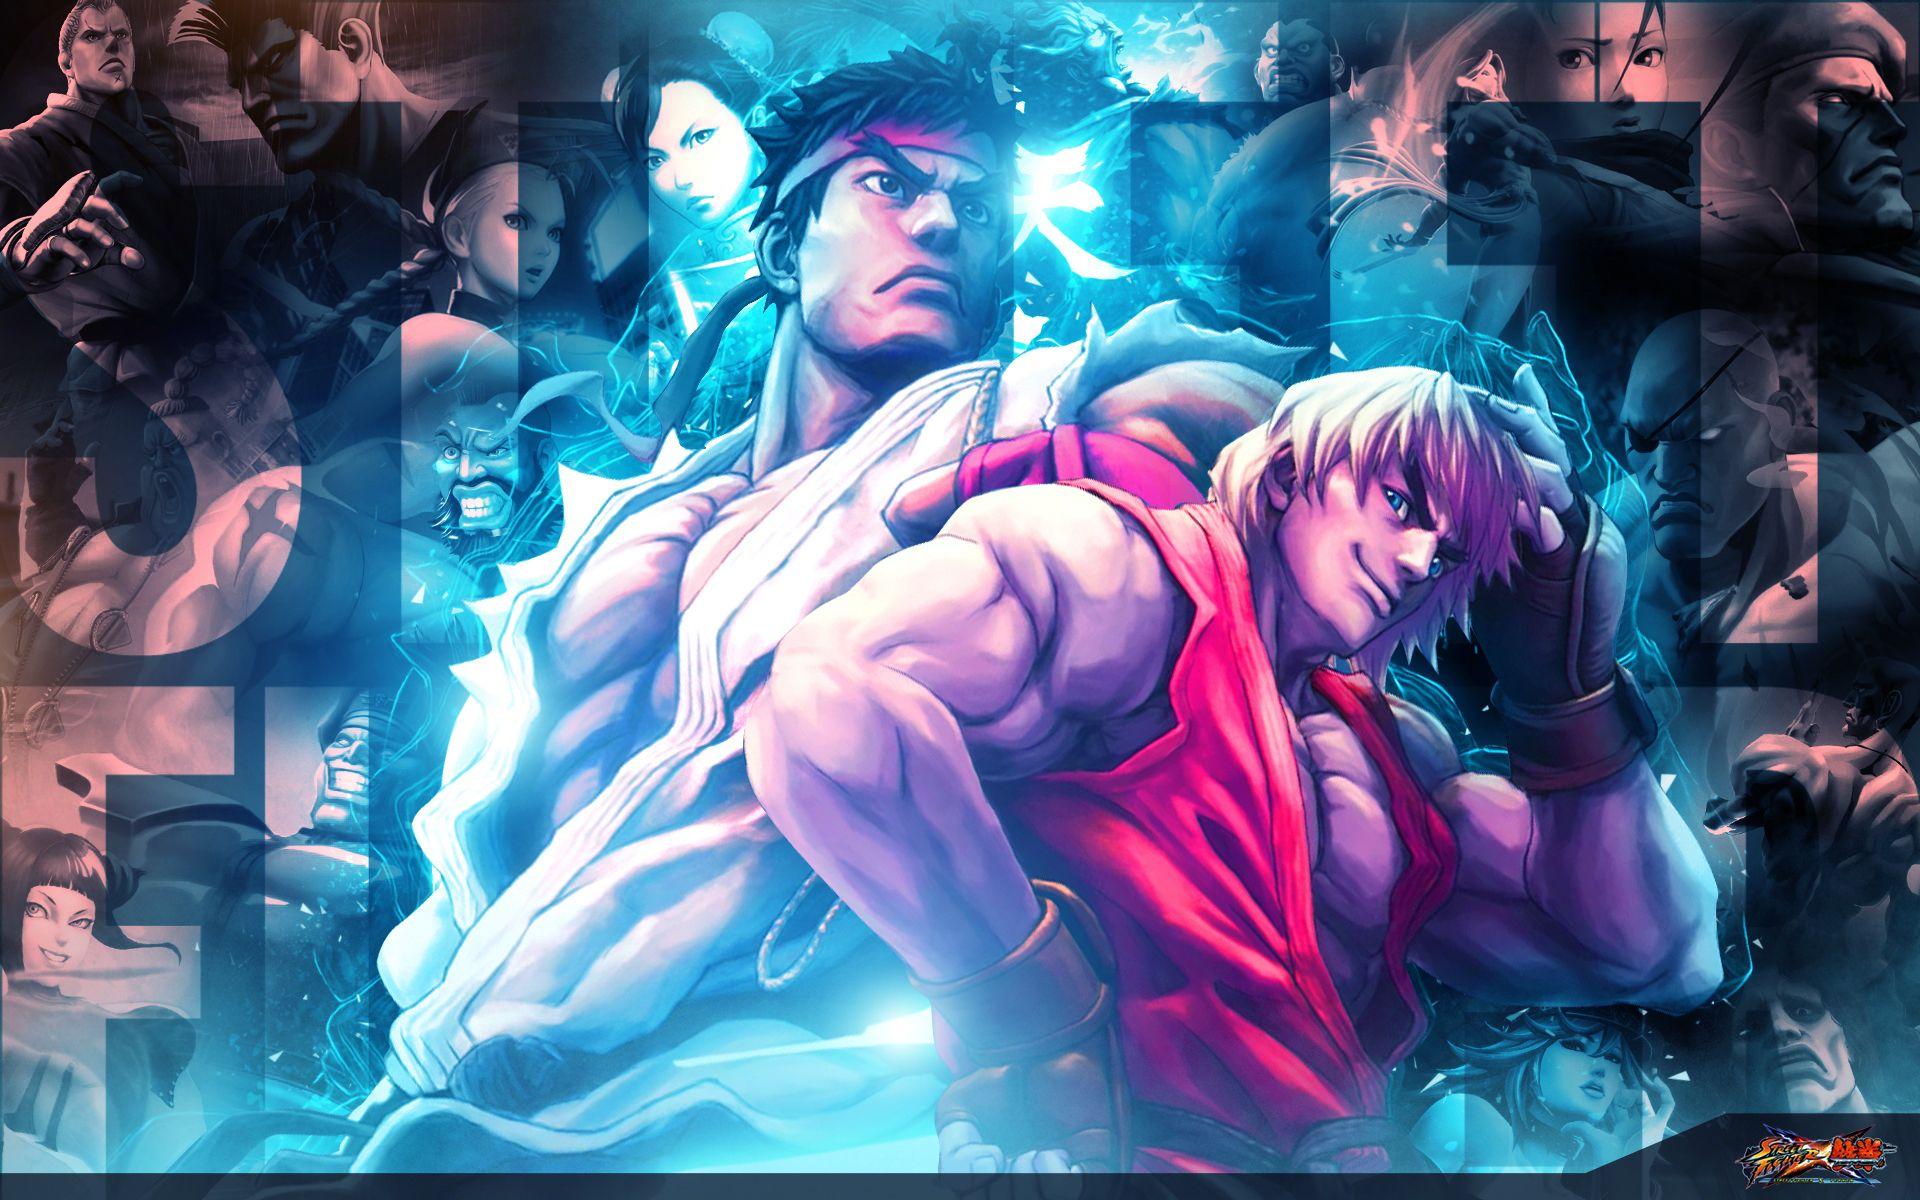 Street Fighter X Tekken Com Imagens Personagens De Videogame